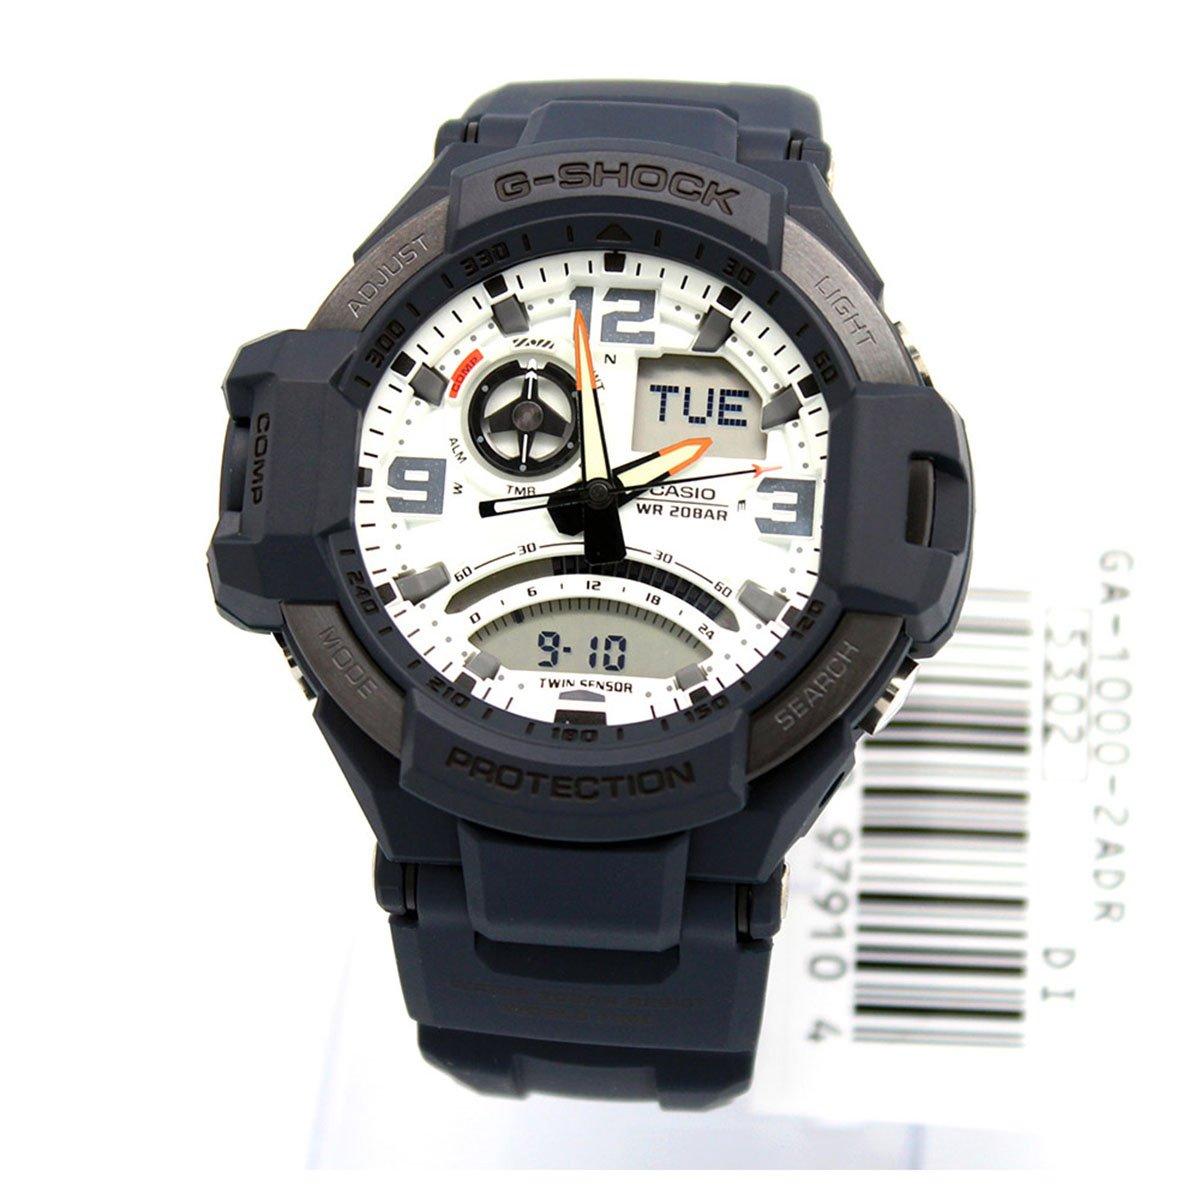 Casio G-shock GA1000-2A Gravity Defier Dark Blue Resin Watch